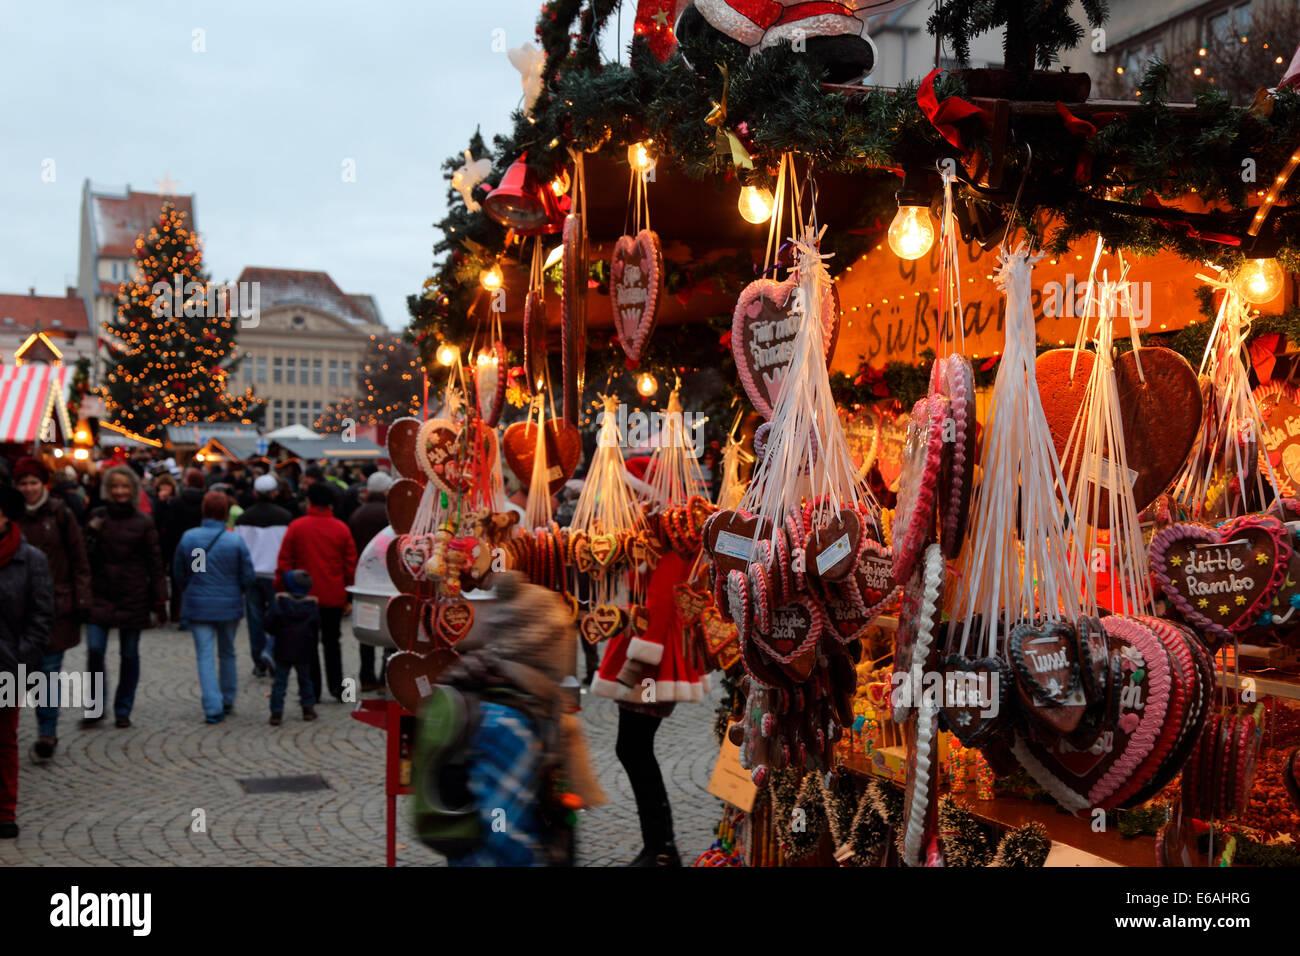 Berlin Spandau Weihnachtsmarkt Markt - Stock Image